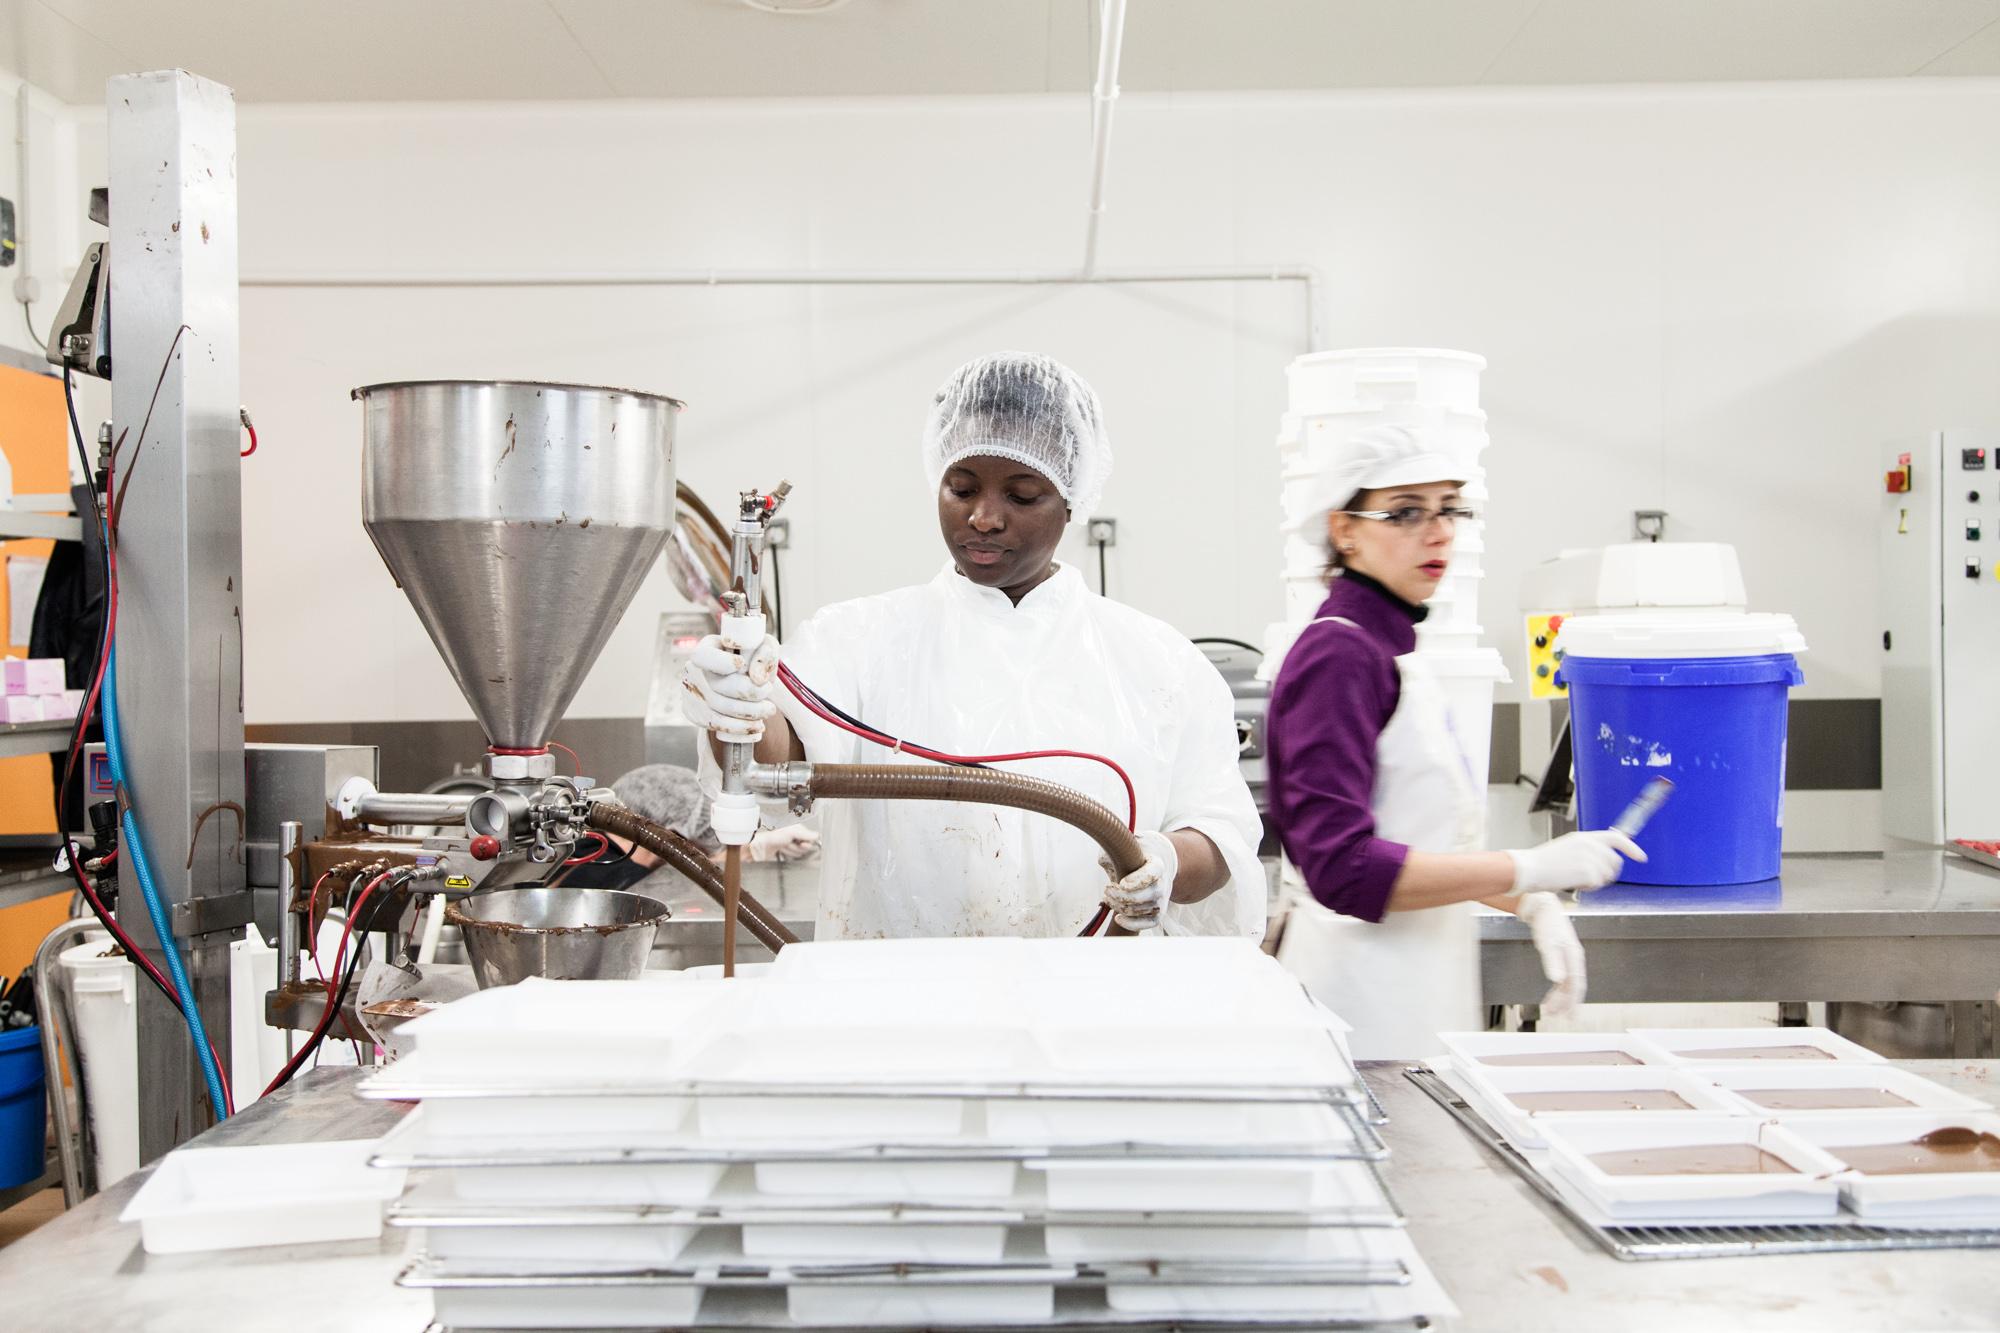 Préparation de bases chocolat dans le laboratoire de production.